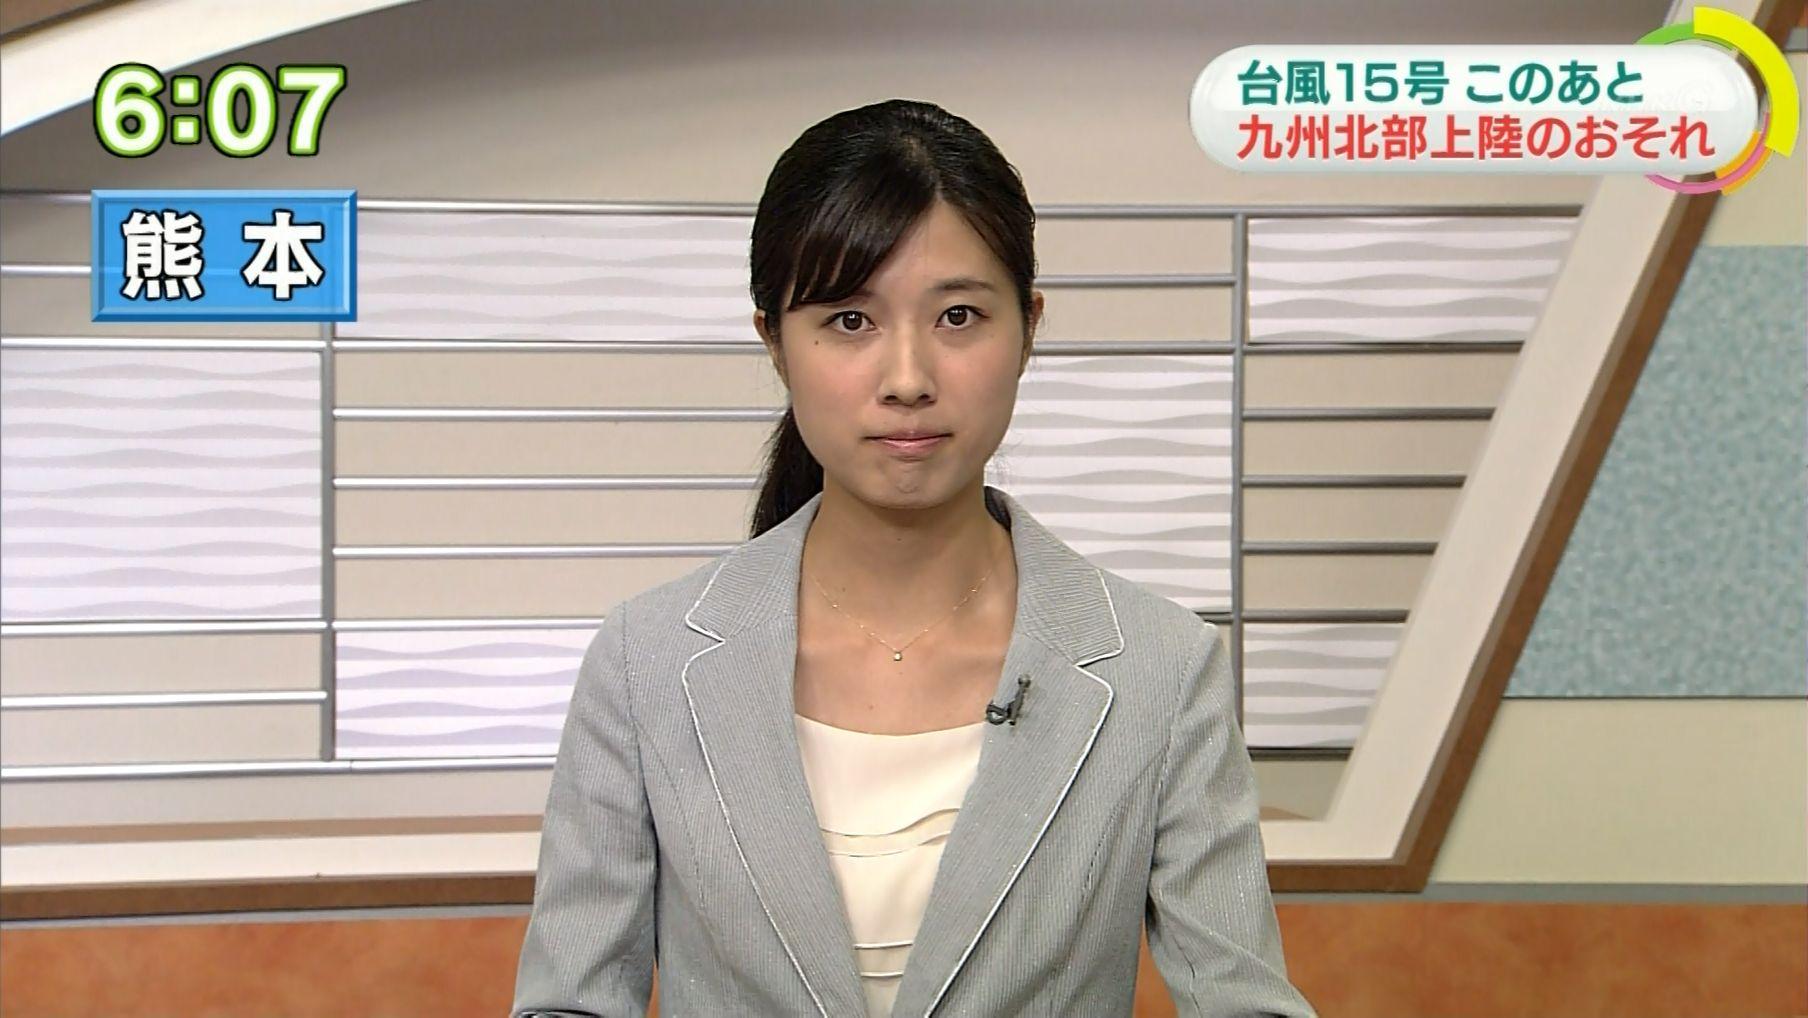 石橋亜紗の画像 p1_23